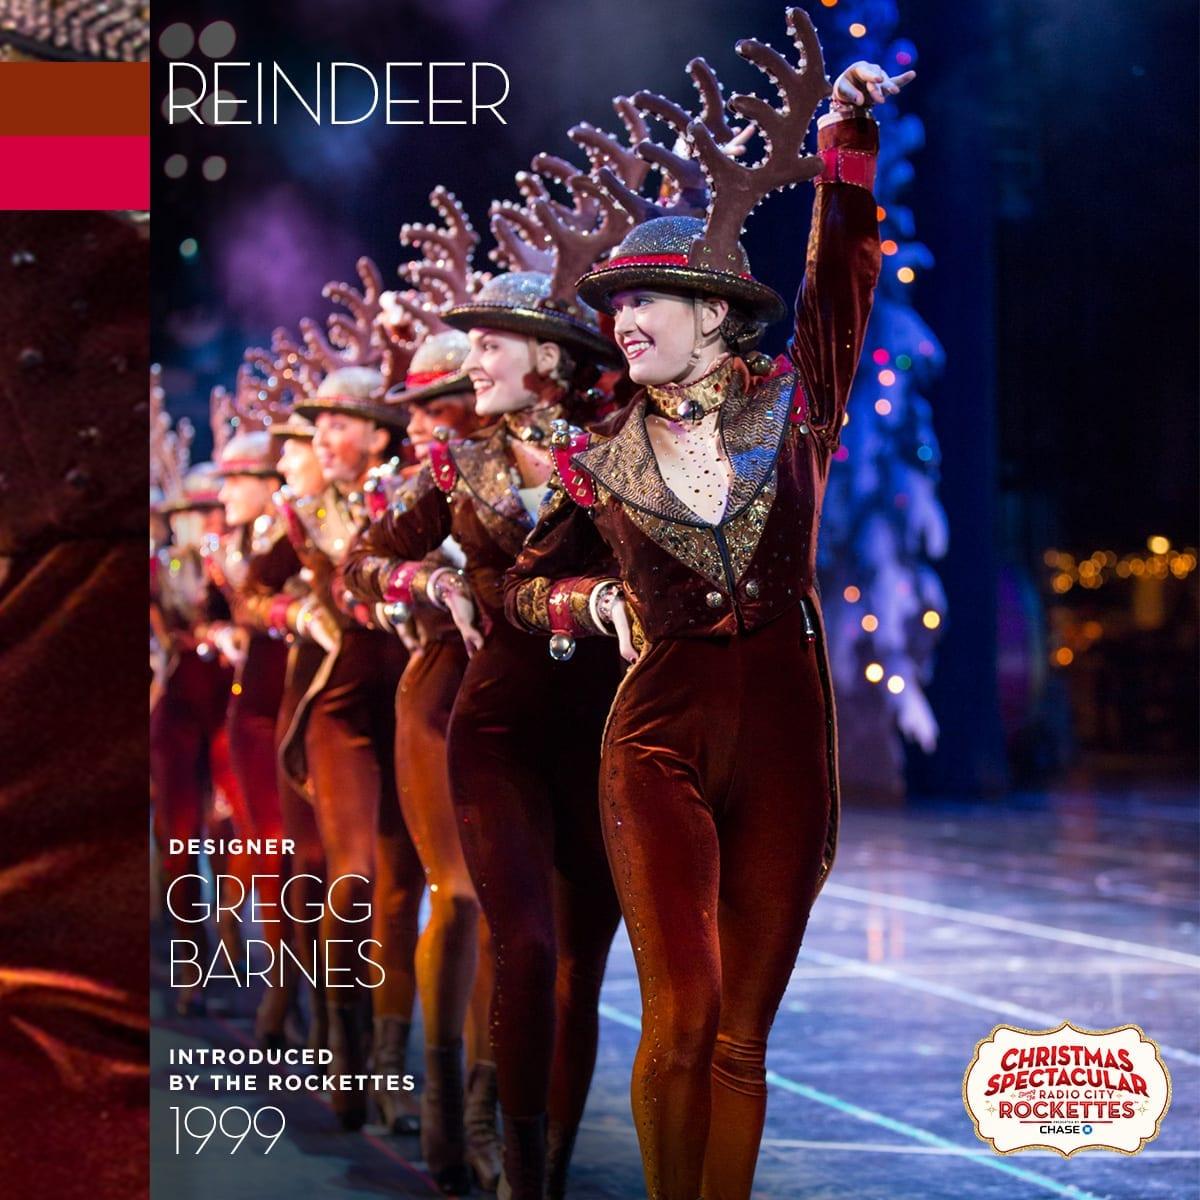 rockettes-wearing-reindeer-costumes